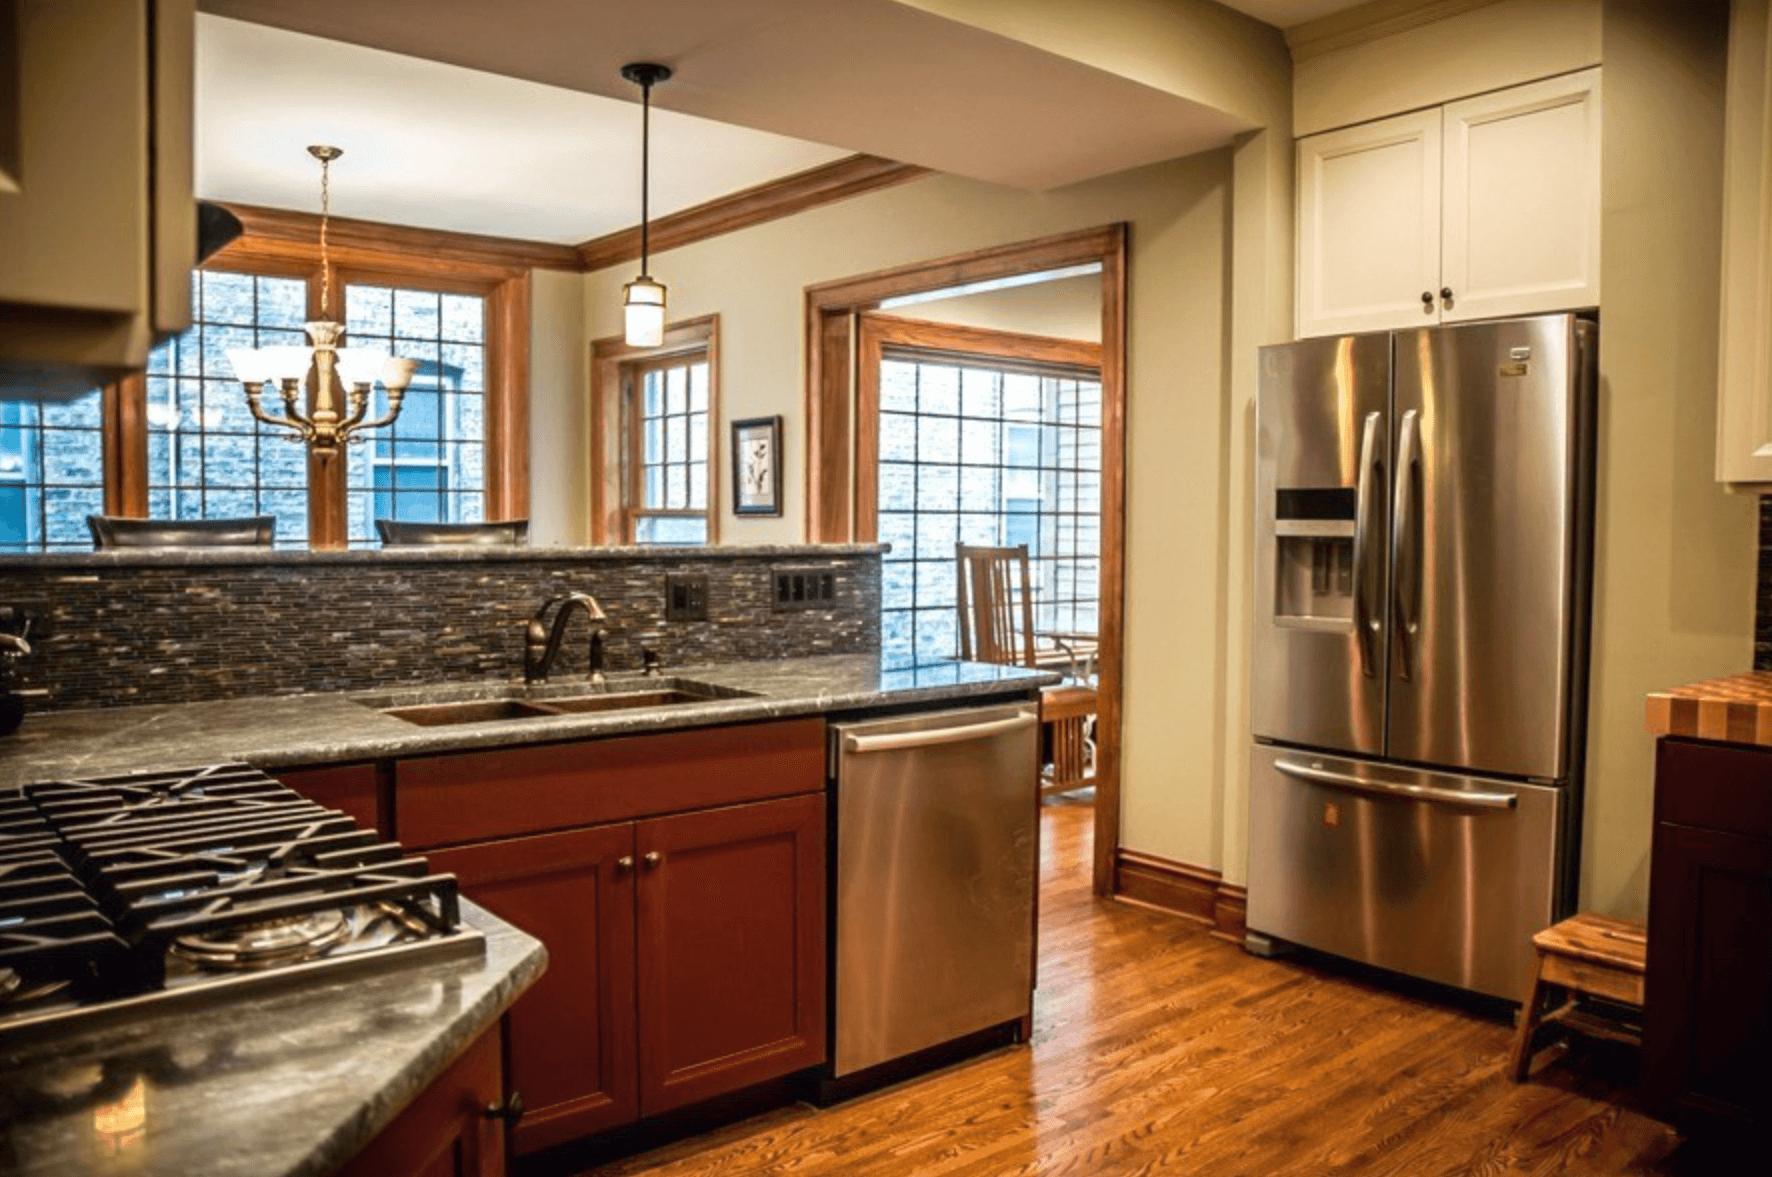 kfaucetsnstuff plumbing spokane kitchen remodel